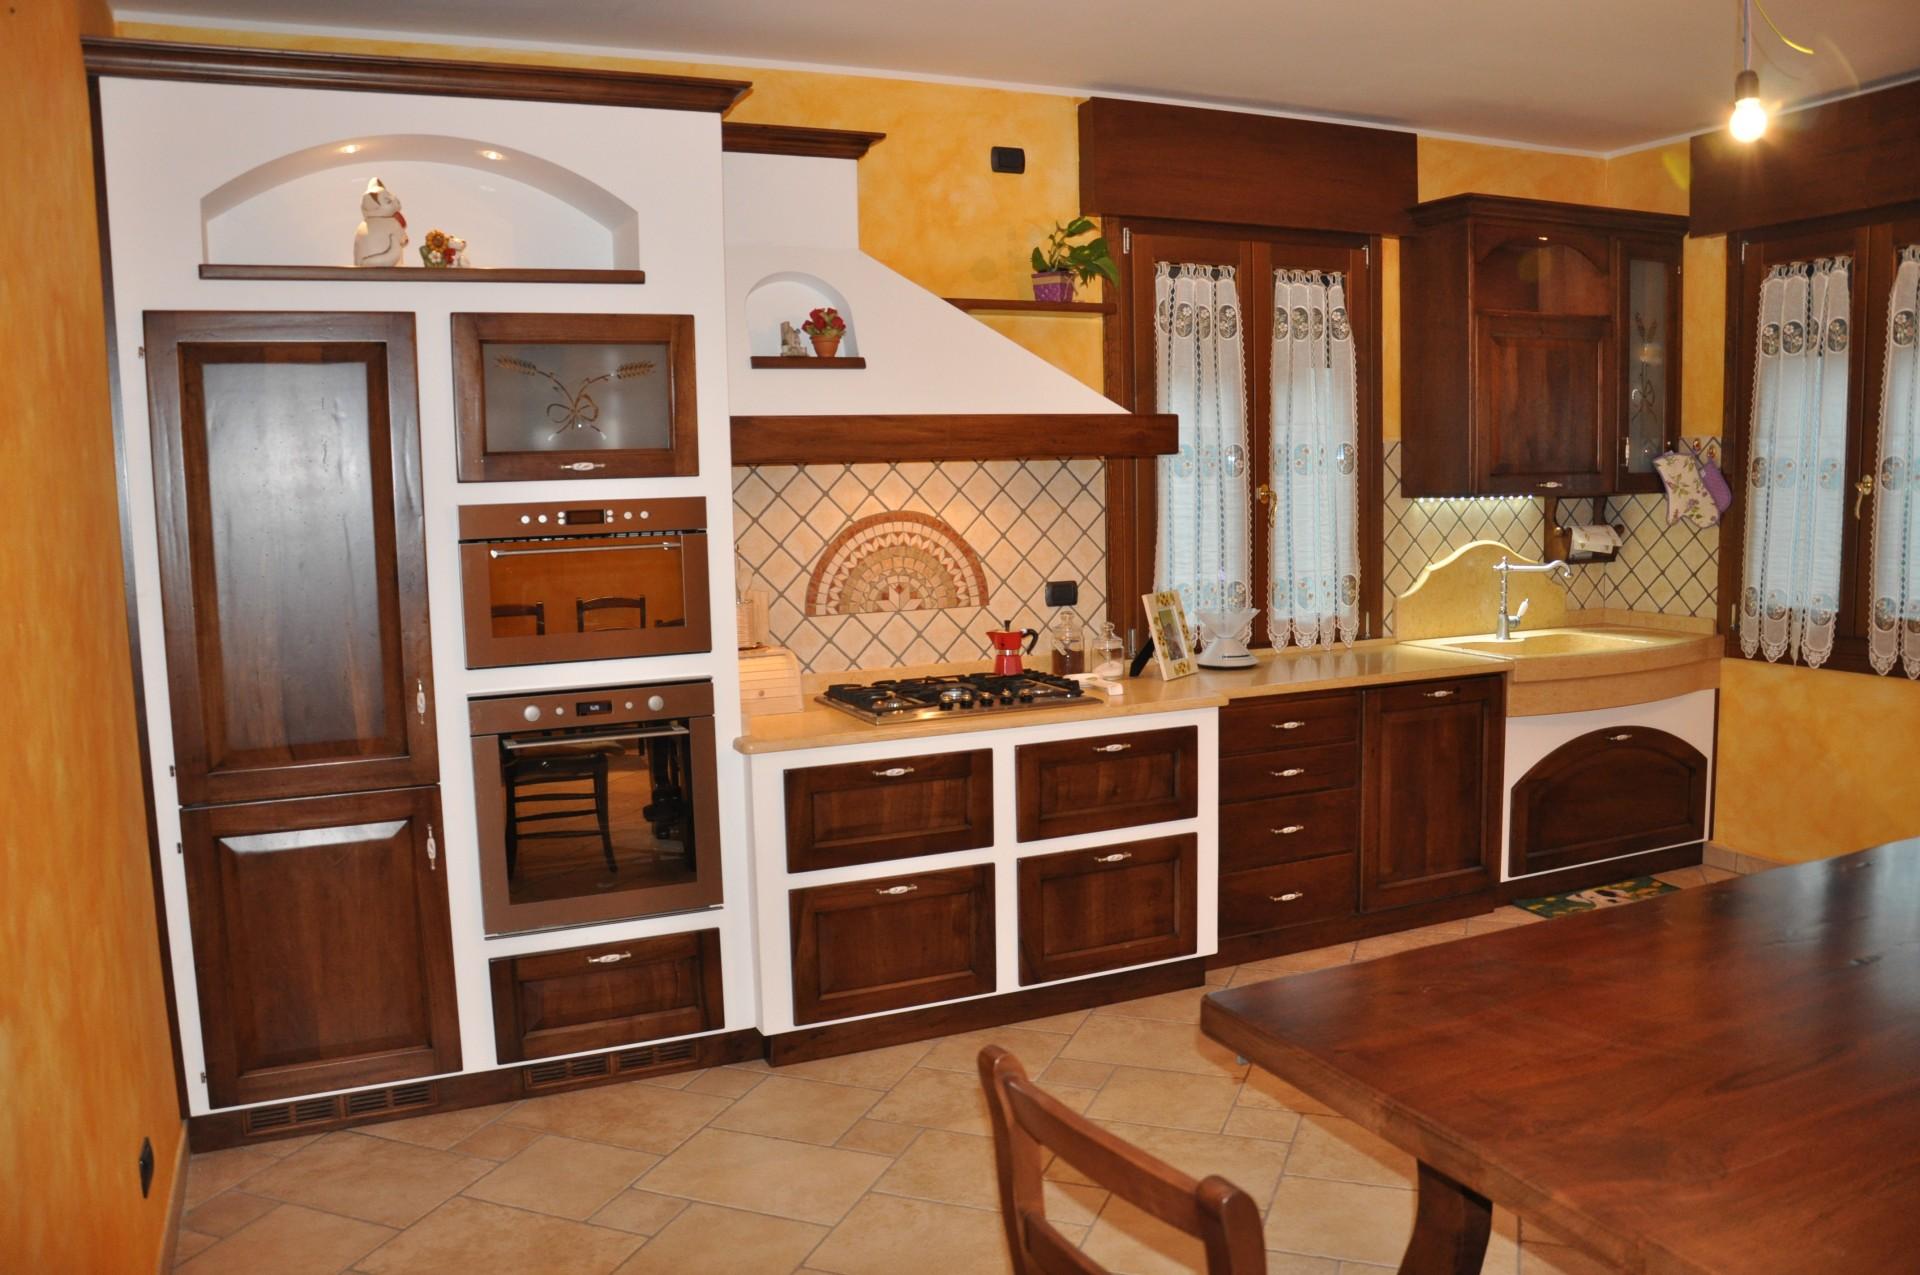 Cucina in muratura fadini mobili cerea verona for Cucine in muratura country